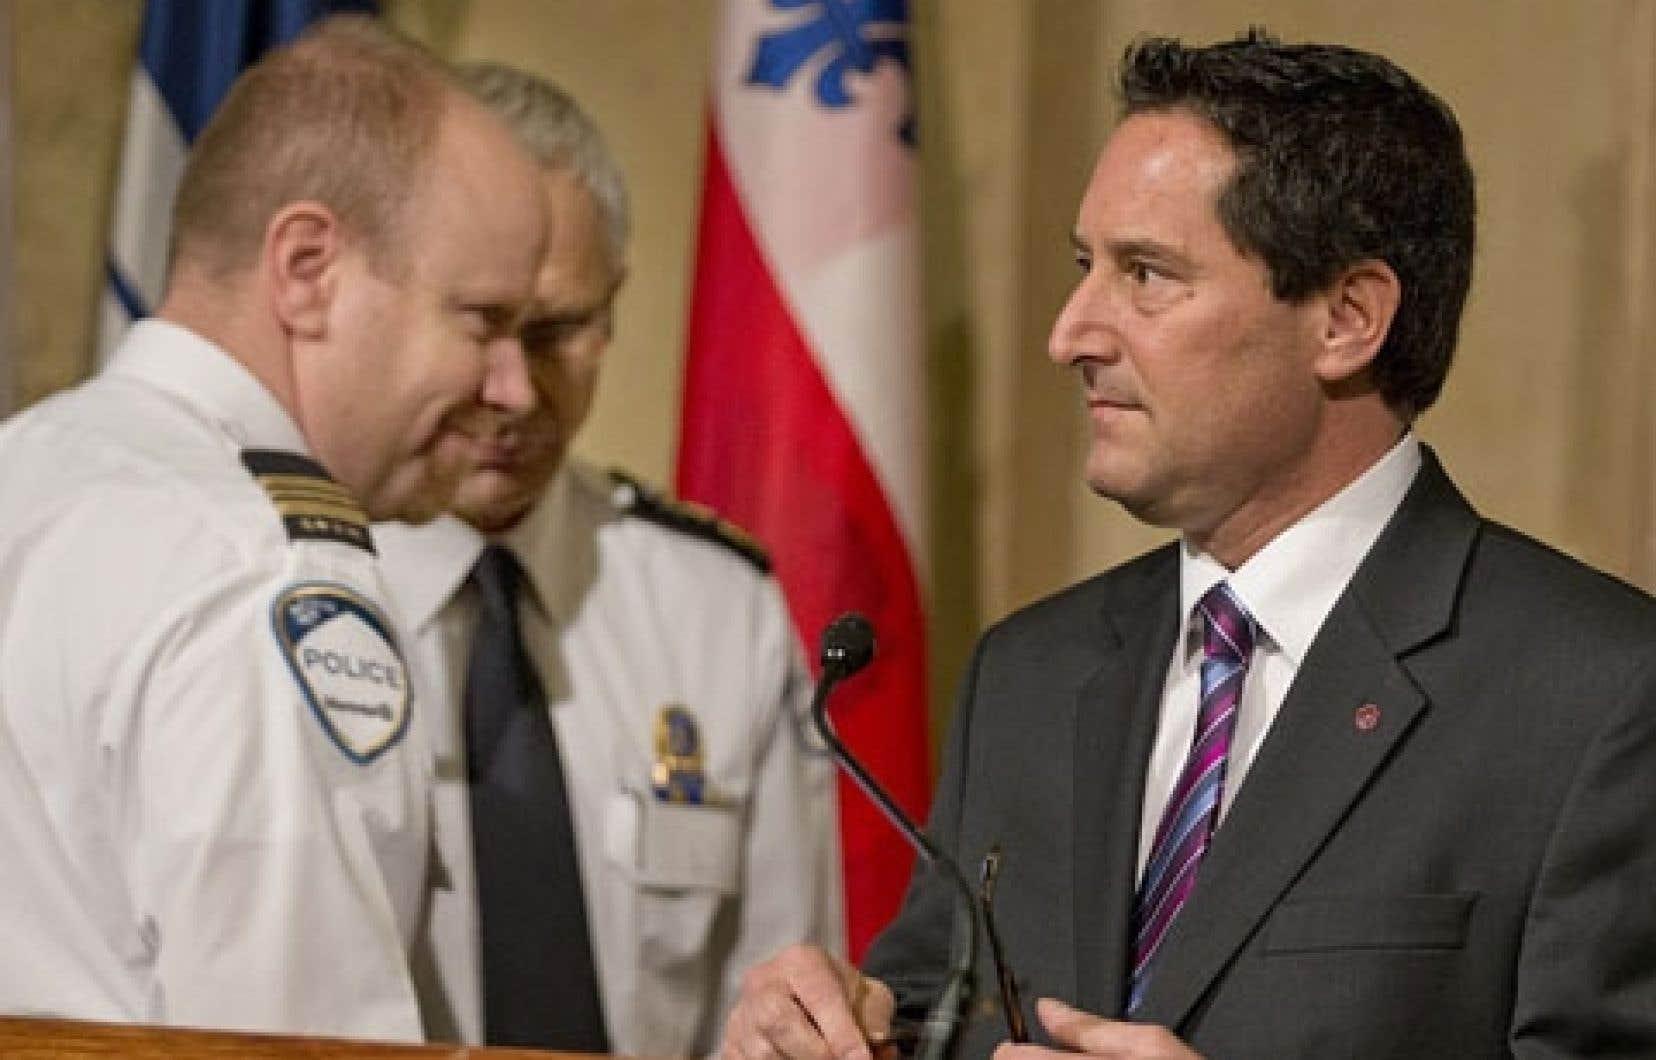 Michael Applebaum en conférence de presse vendredi matin, au cours de laquelle il a présenté la nouvelle Escouade de protection de l'intégrité municipale (EPIM).